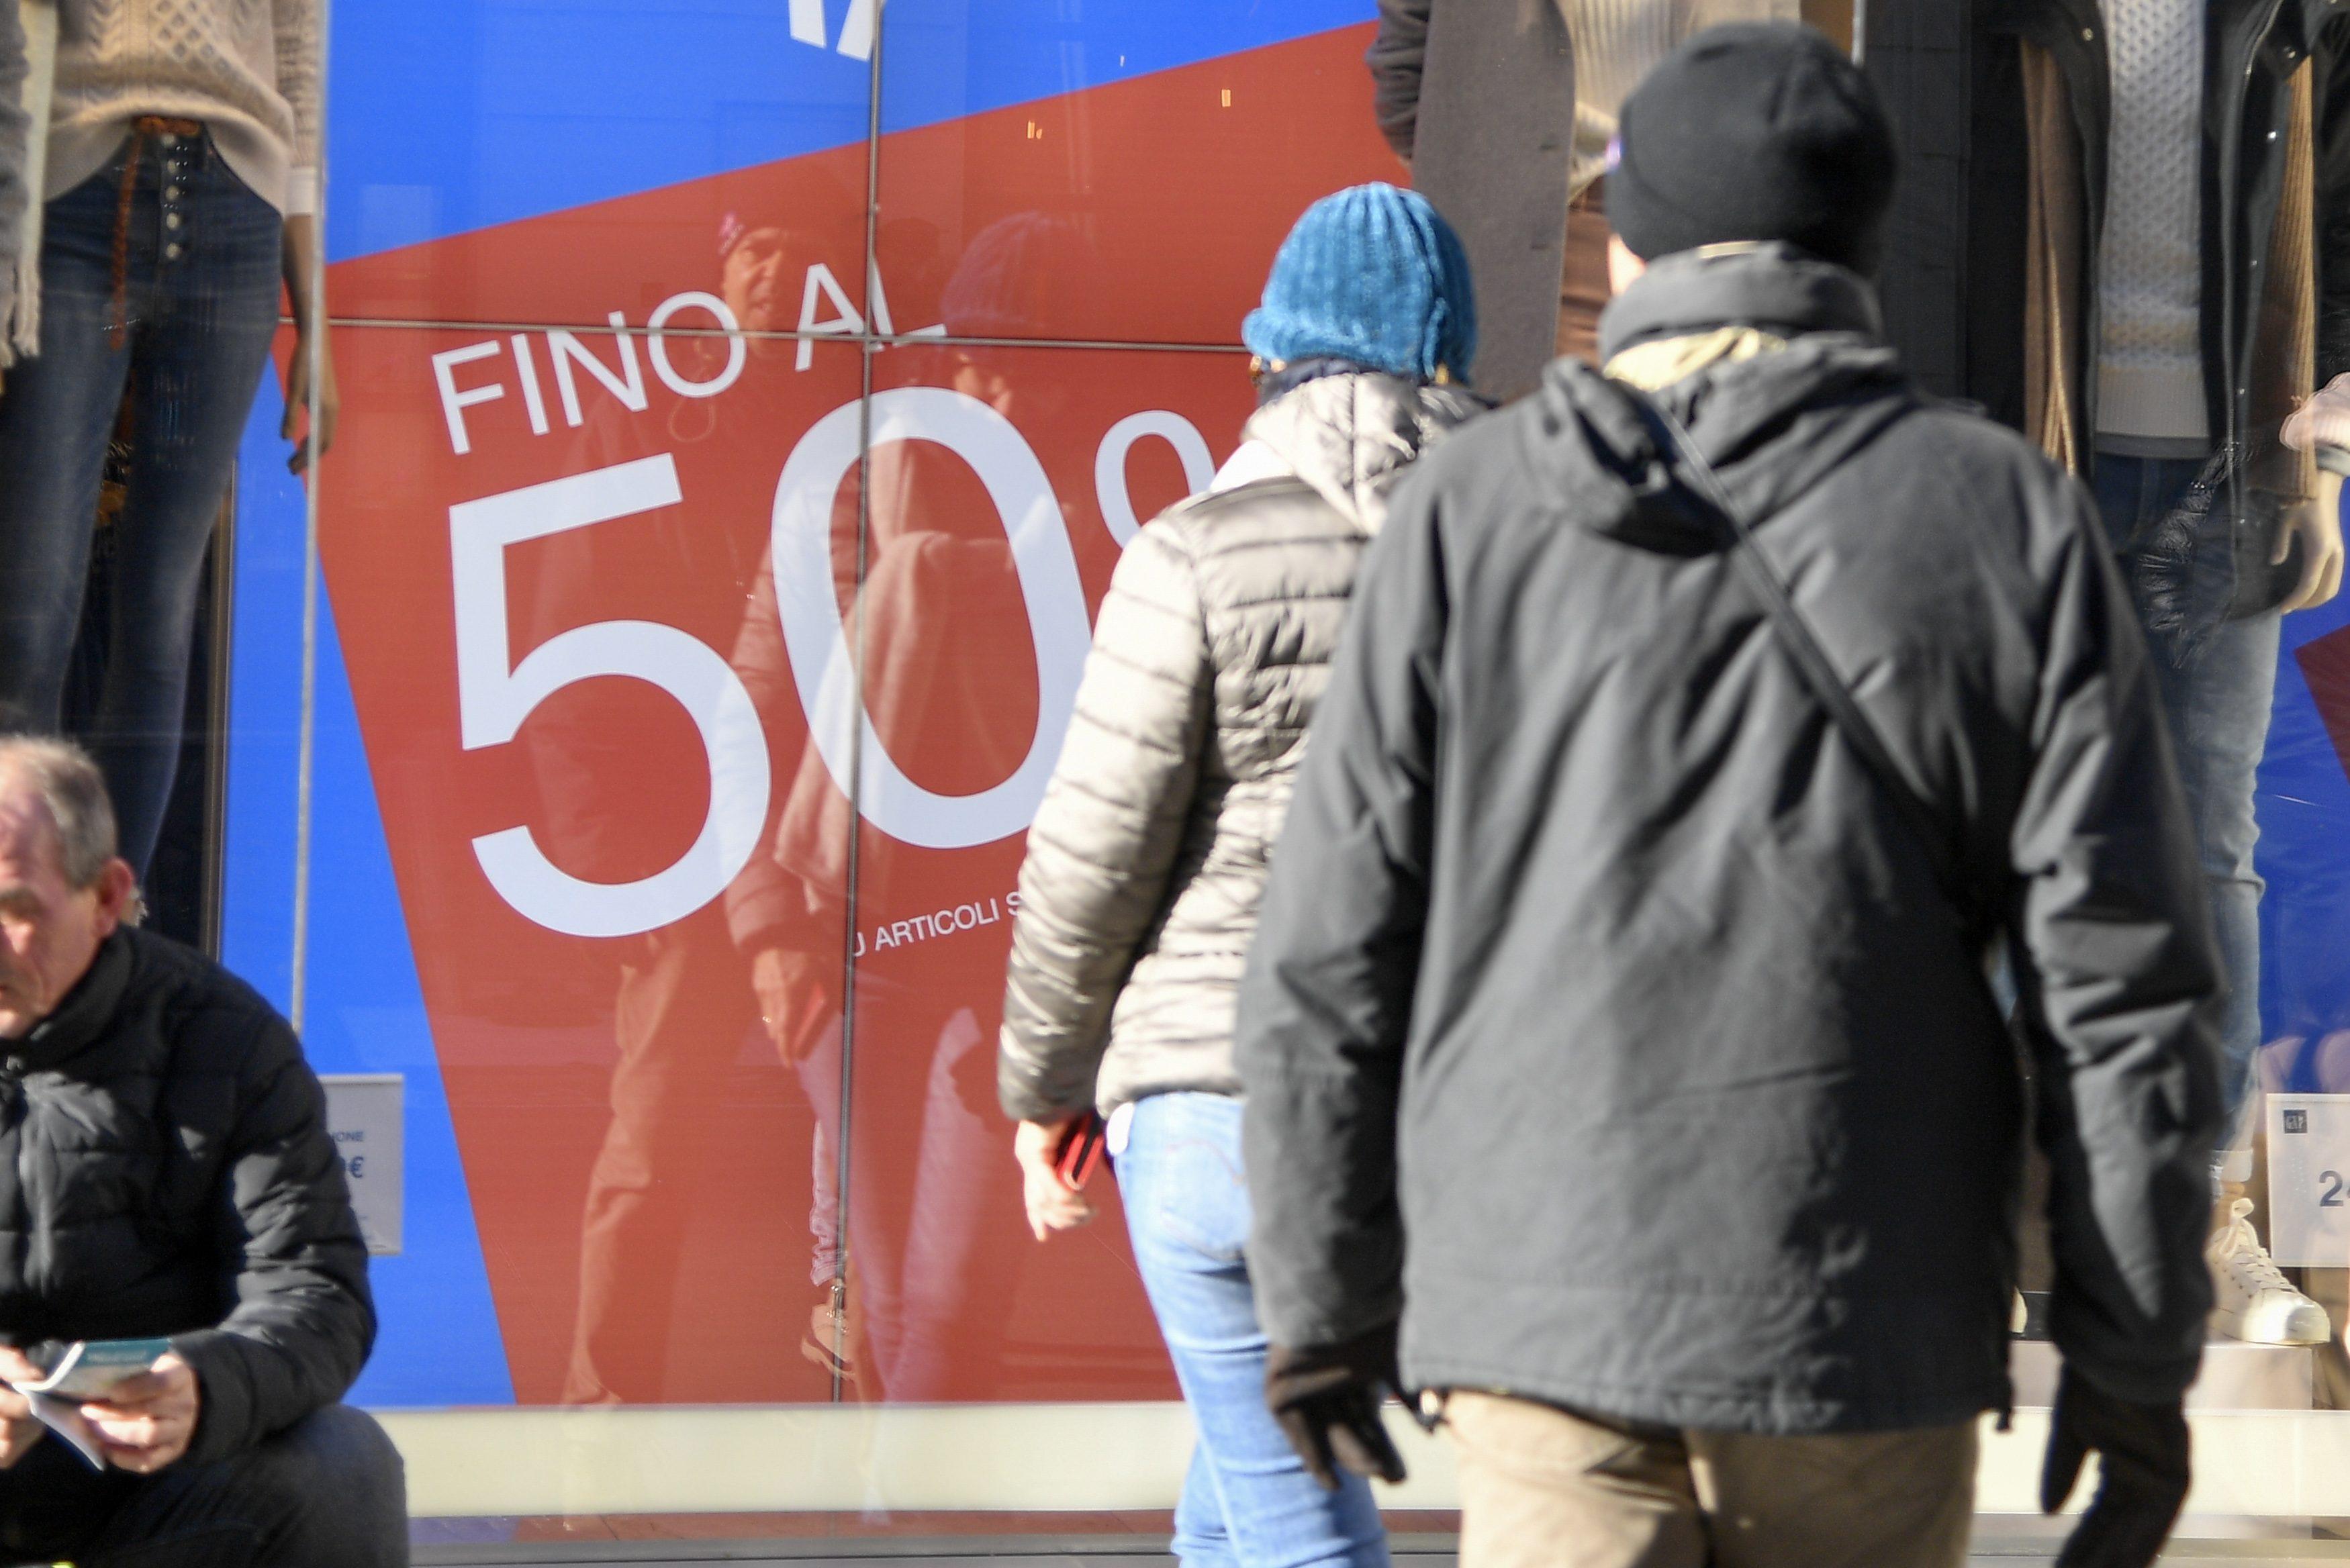 acf6d34997 Saldi invernali 2019: ecco quando finiscono in tutte le città italiane